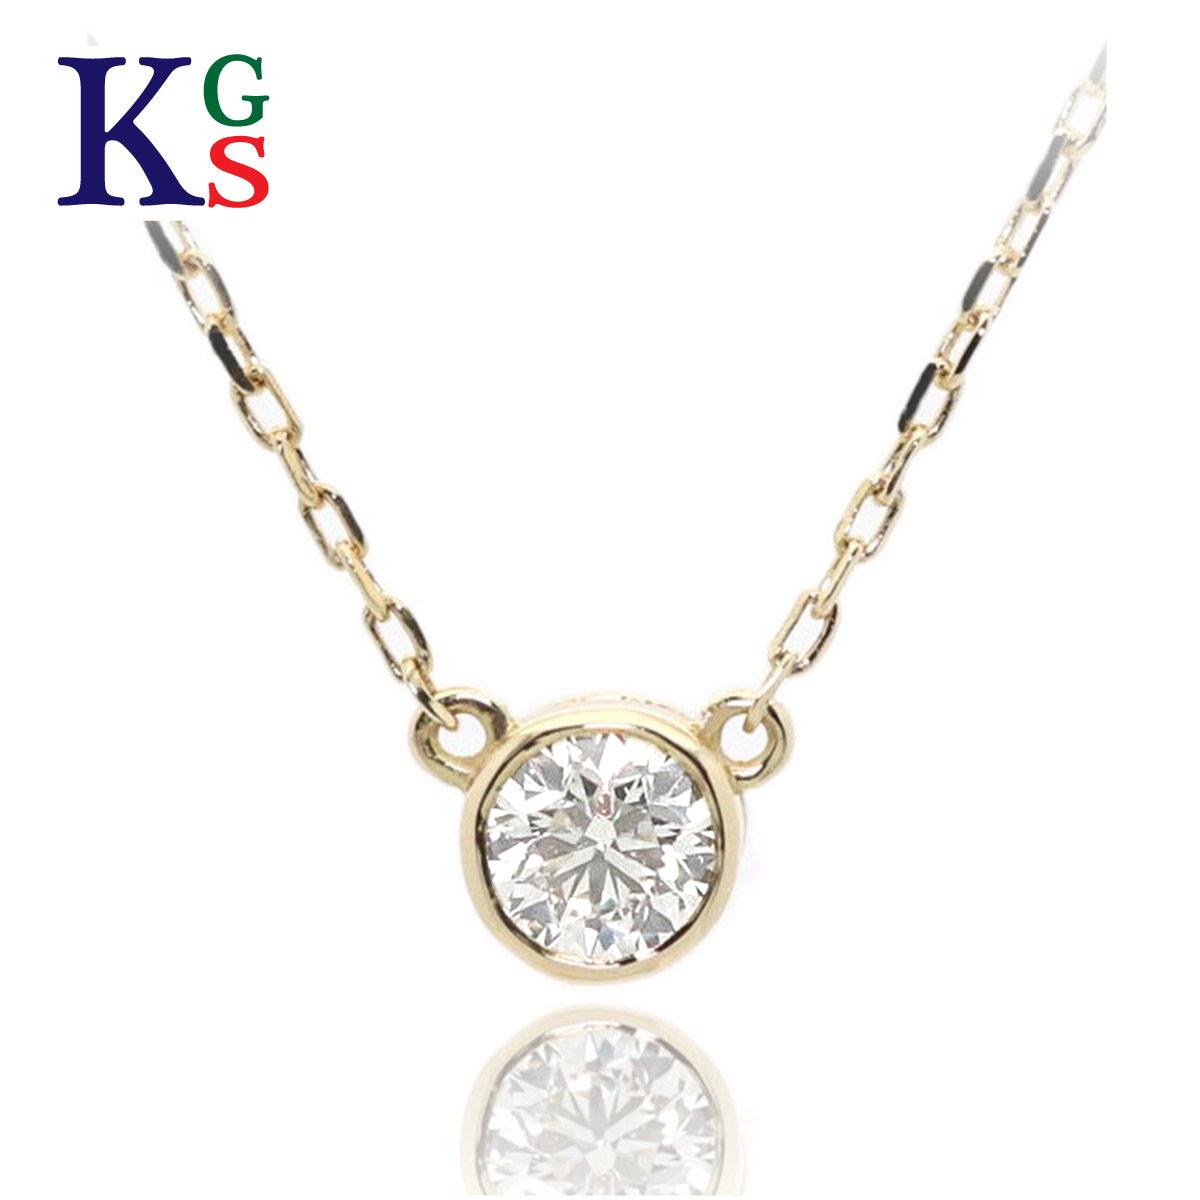 【ギフト品質】AHKAH / アーカー レディース ジュエリー ジェーン ネックレス イエローゴールド K18YG 1Pダイヤモンド 0.05ct